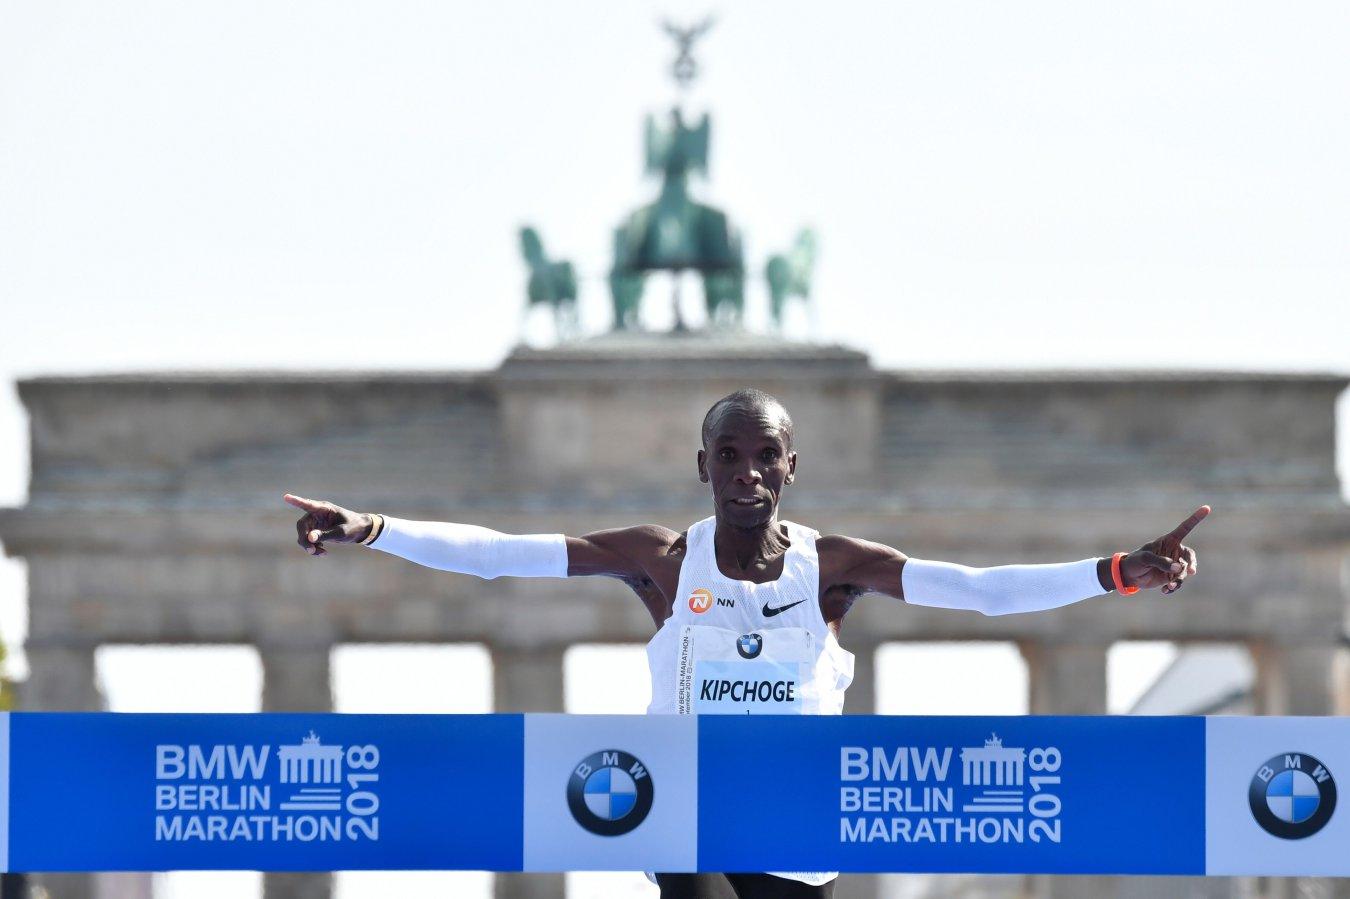 Los 10 maratonistas más rápidos de la historia de la historia